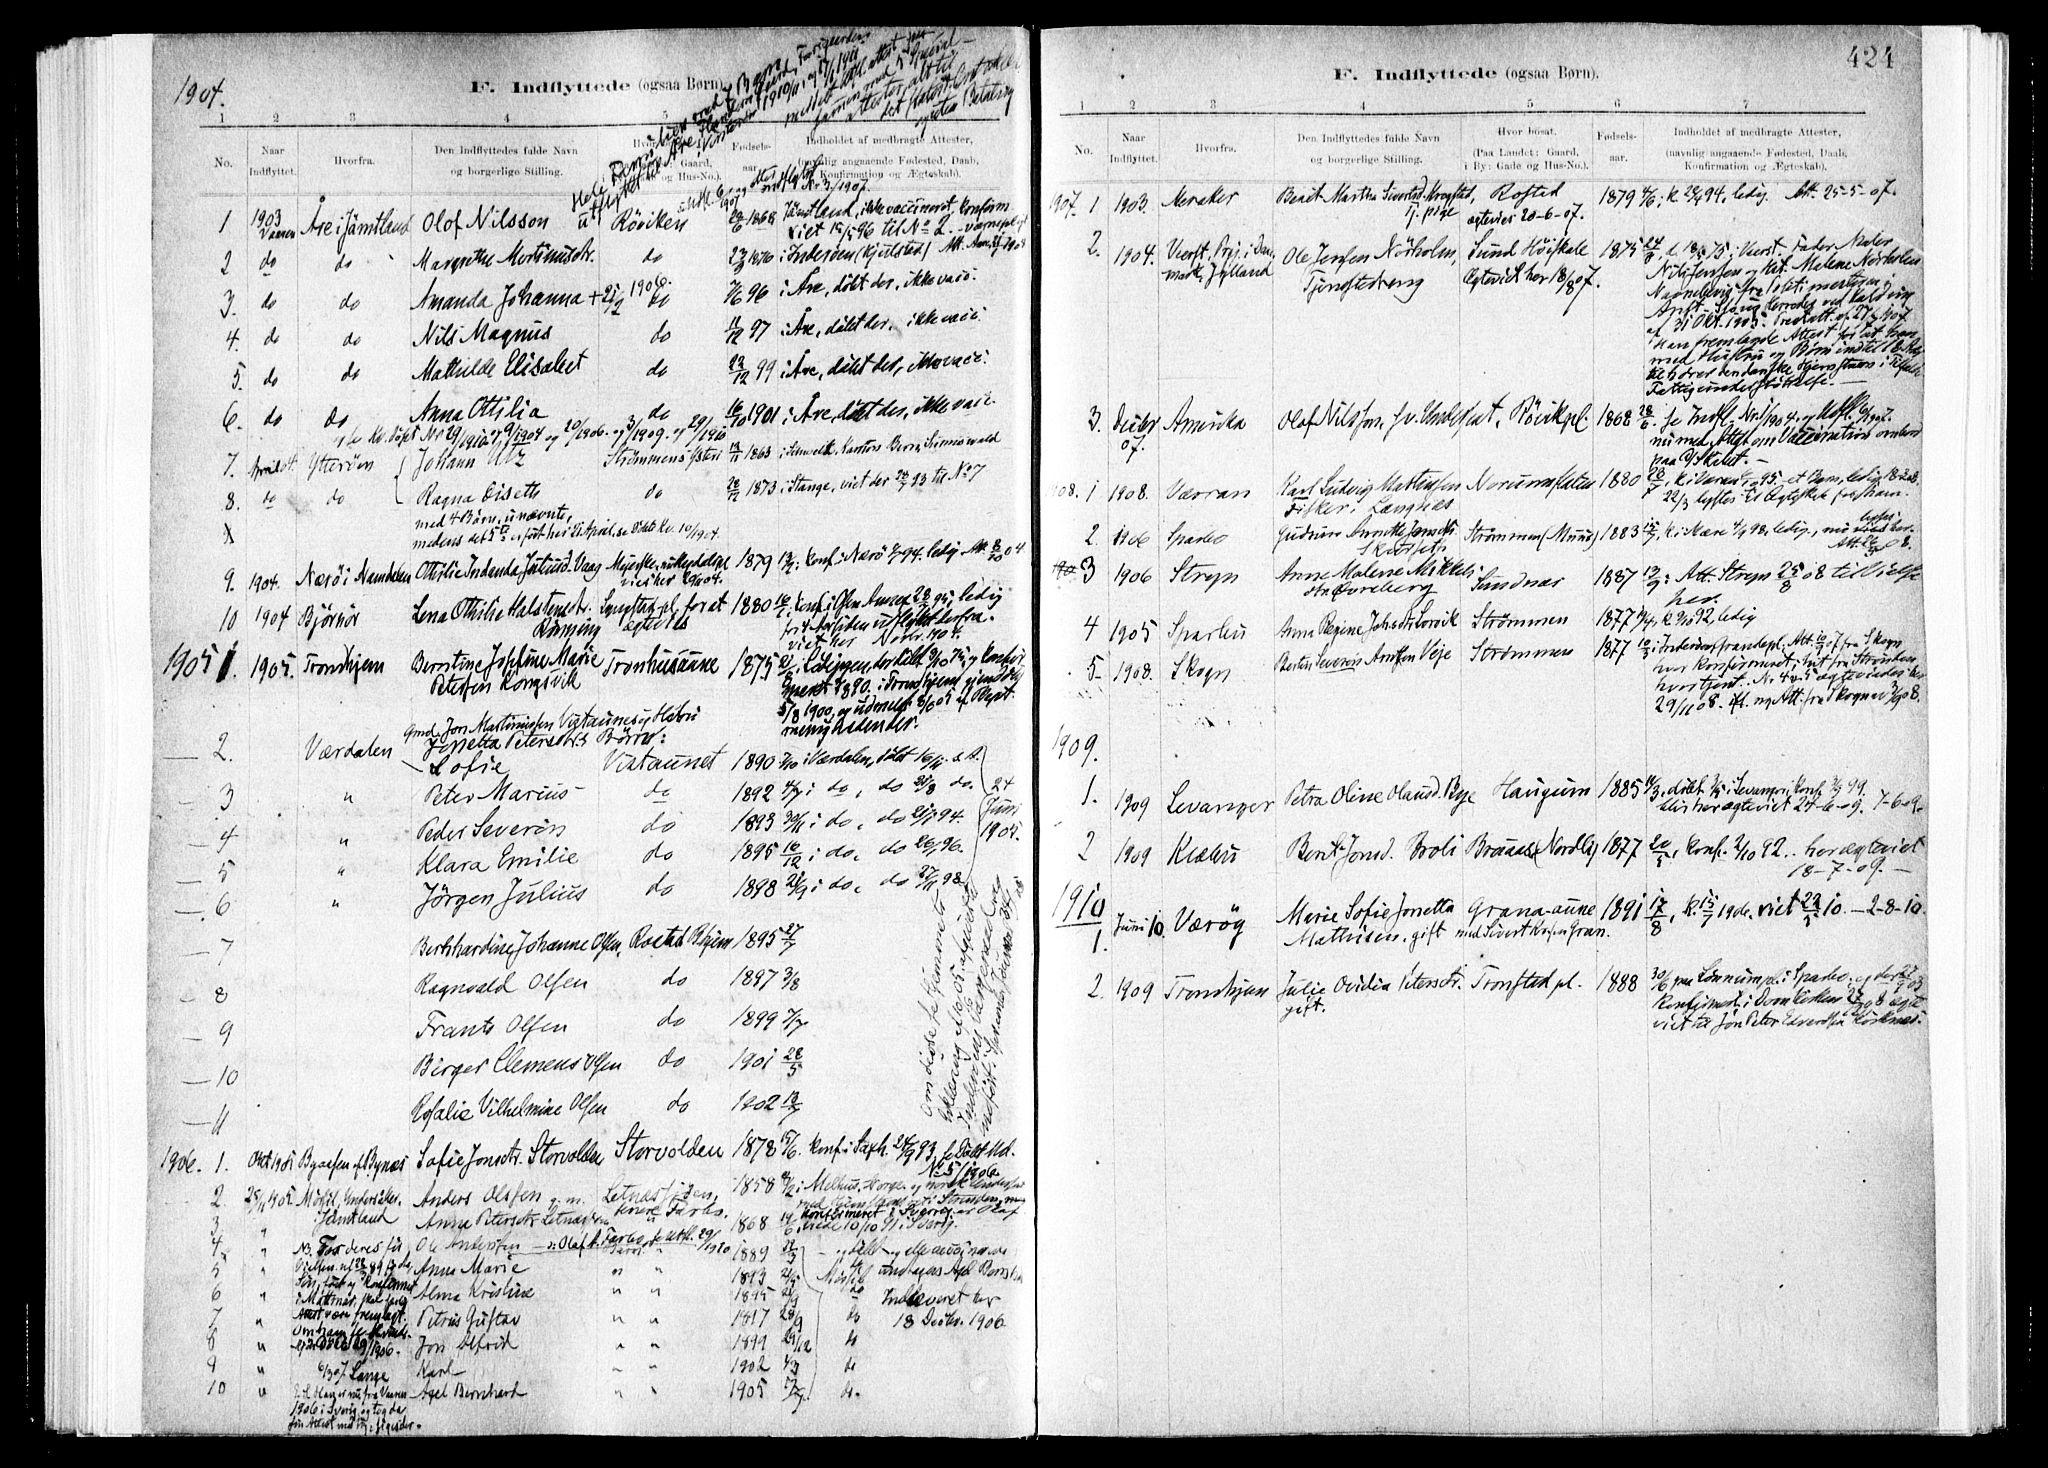 SAT, Ministerialprotokoller, klokkerbøker og fødselsregistre - Nord-Trøndelag, 730/L0285: Ministerialbok nr. 730A10, 1879-1914, s. 424